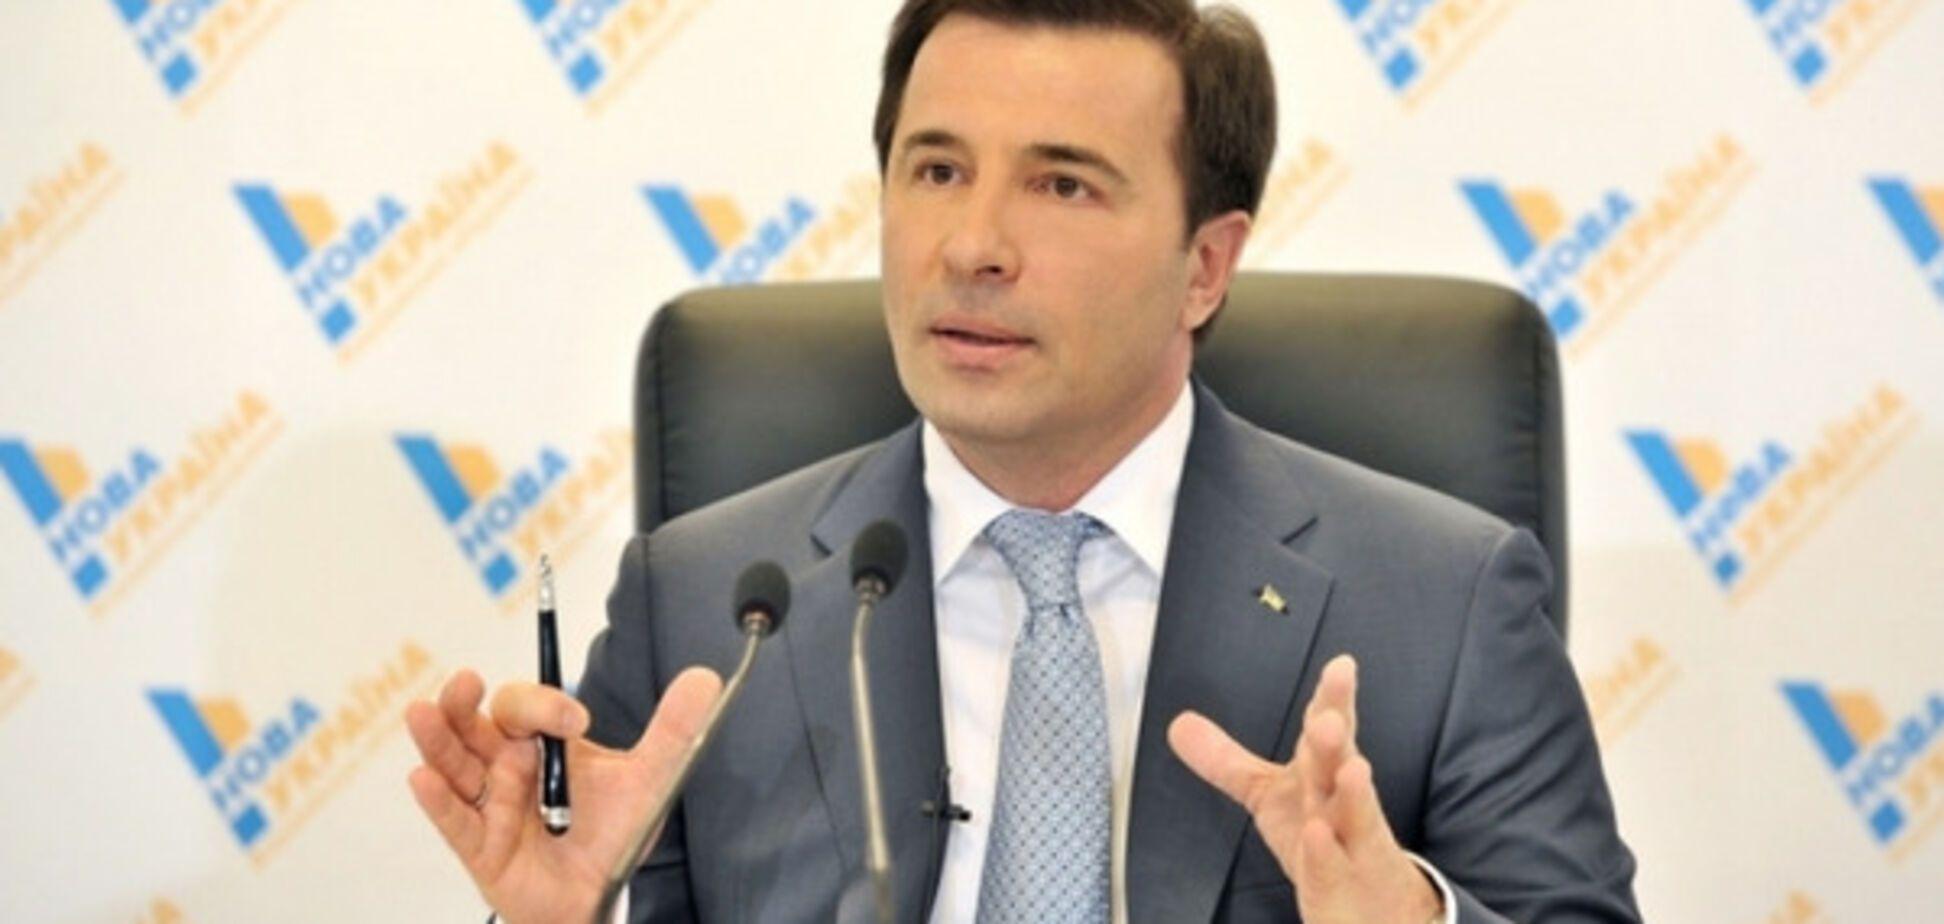 Коновалюк проведет съезд, чтобы возглавить одну из оппозиционных партий – Кость Бондаренко